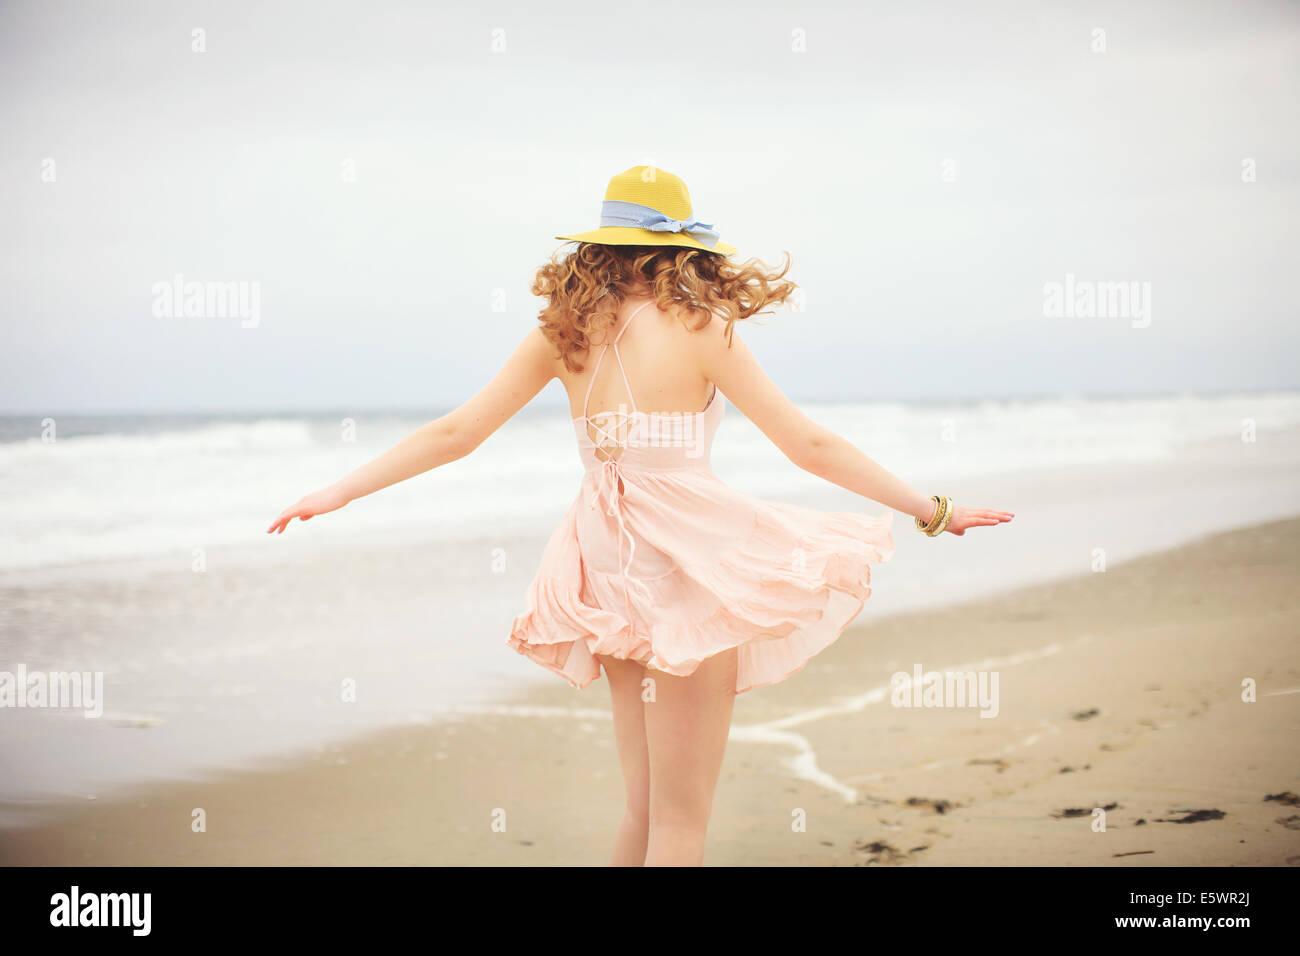 Vista posteriore della ragazza adolescente per passeggiare sulla spiaggia, Hampton, New Hampshire, STATI UNITI D'AMERICA Immagini Stock